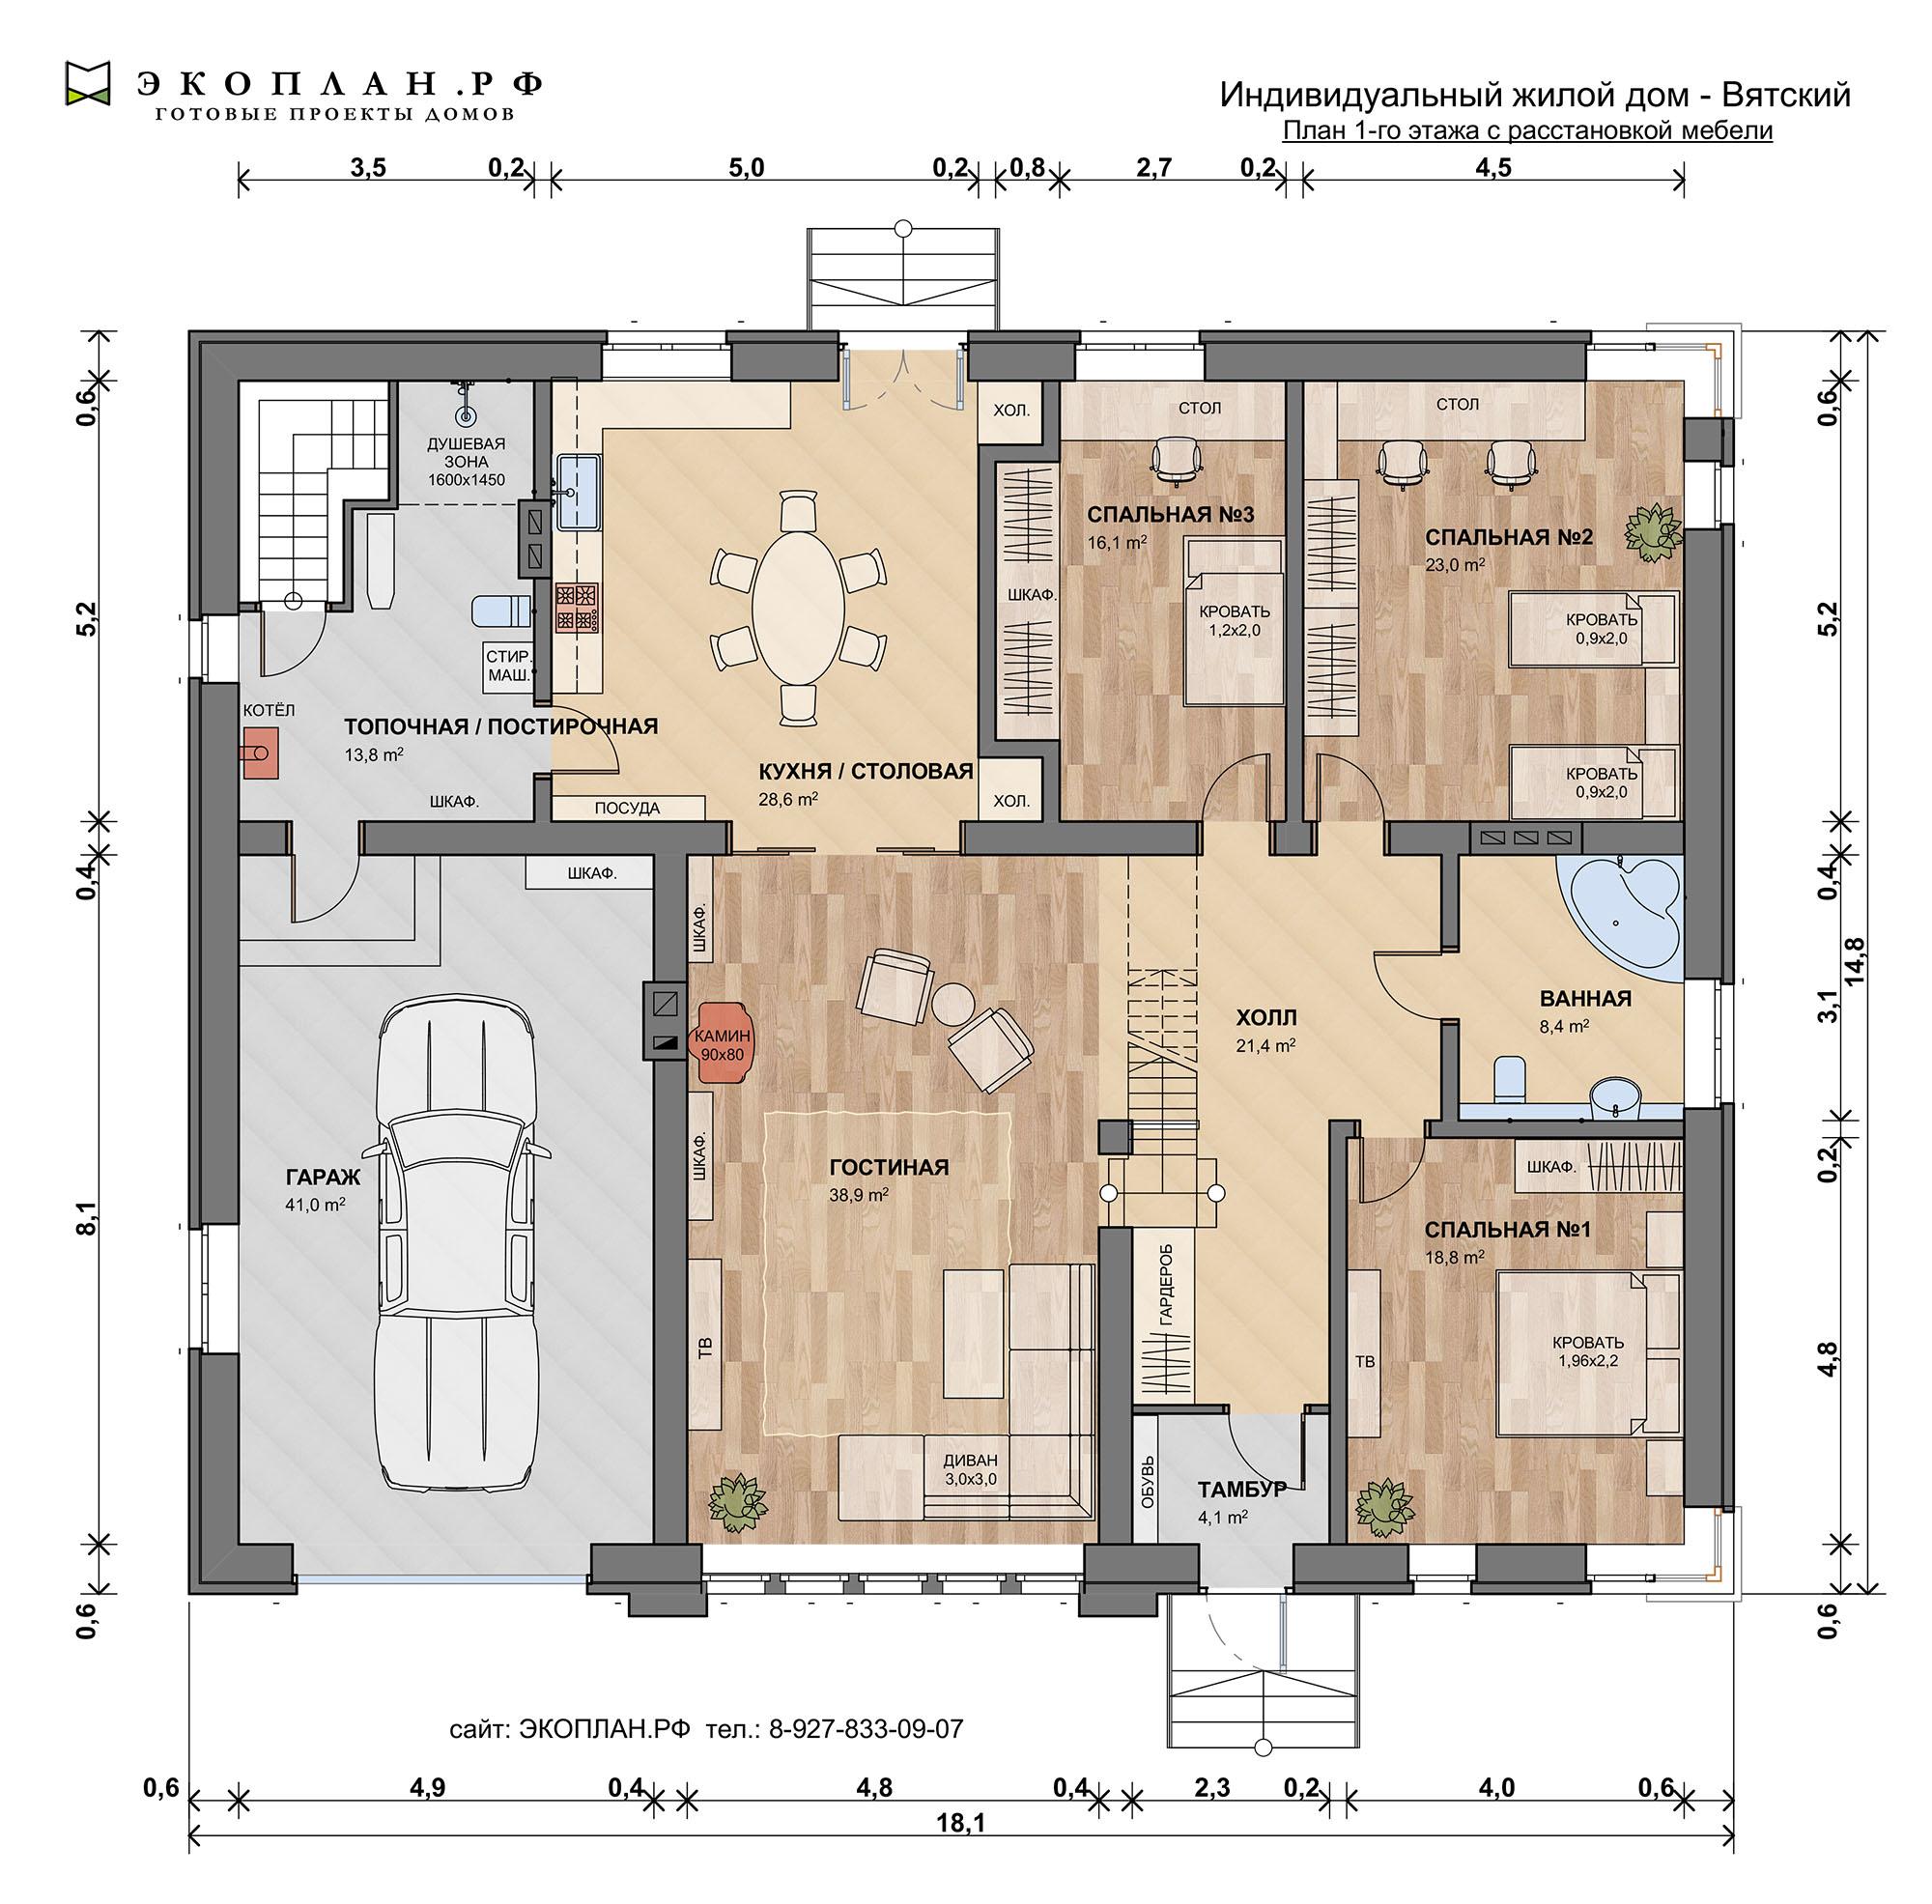 Вятский - Готовый проект дома - ЭКОПЛАН план